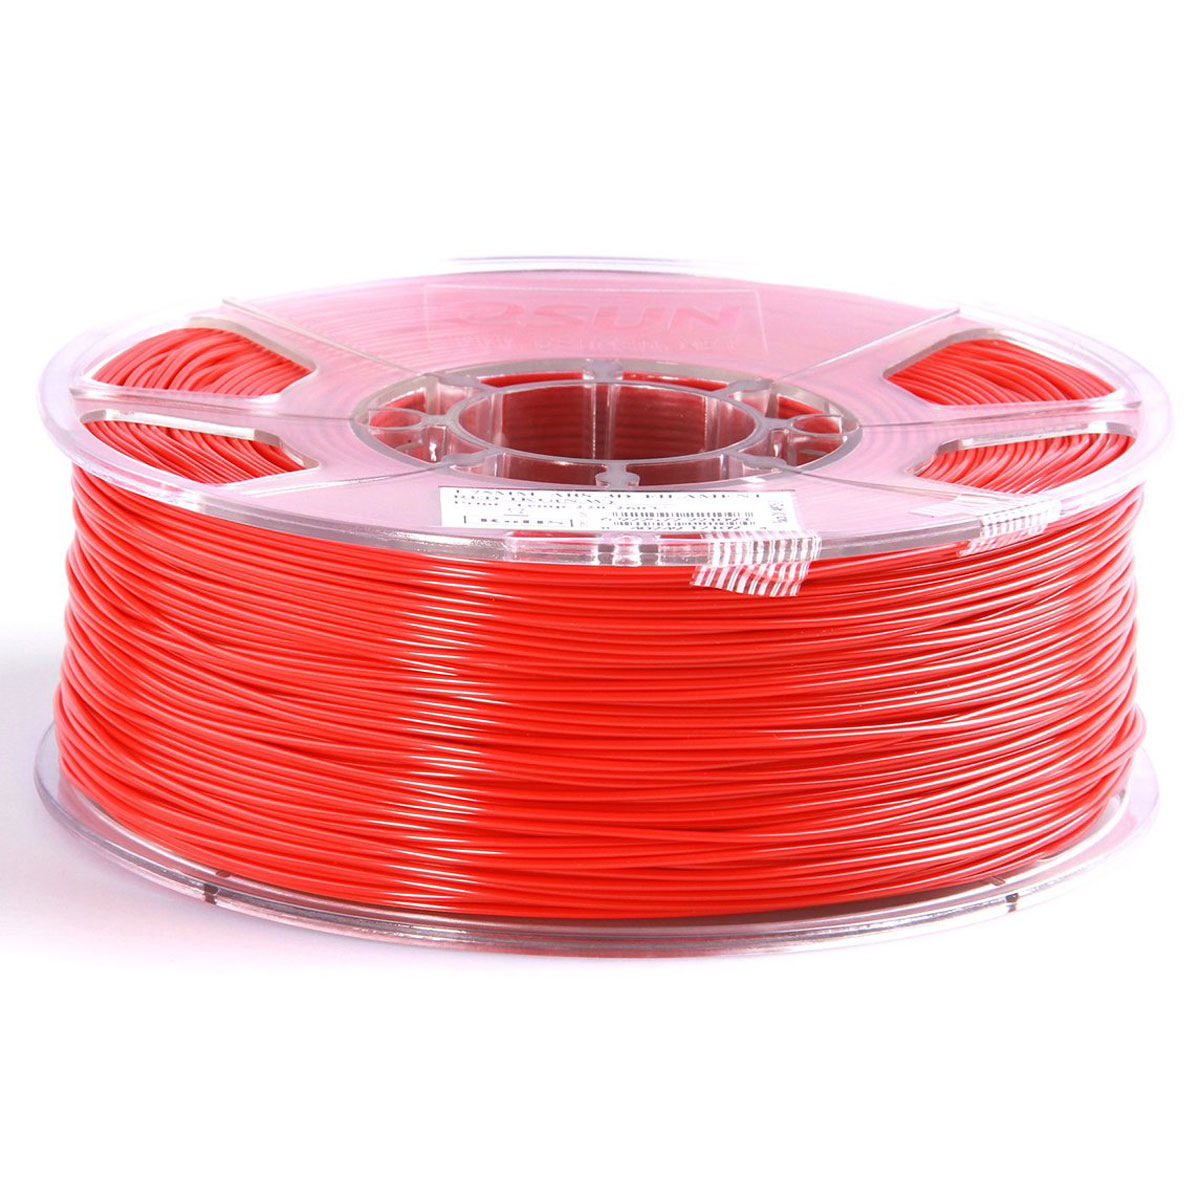 ESUN пластик ABS в катушке, Red, 1,75 ммABS175R1Пластик ABS от ESUN долговечный и очень прочный полимер, ударопрочный, эластичный и стойкий к моющим средствам и щелочам. Один из лучших материалов для печати на 3D принтере. Пластик ABS не имеет запаха и не является токсичным. Температура плавления220-260°C. АБС пластик для 3D-принтера применяется в деталях автомобилей, канцелярских изделиях, корпусах бытовой техники, мебели, сантехники, а также в производстве игрушек, сувениров, спортивного инвентаря, деталей оружия, медицинского оборудования и прочего.Диаметр пластиковой нити: 1.75 мм